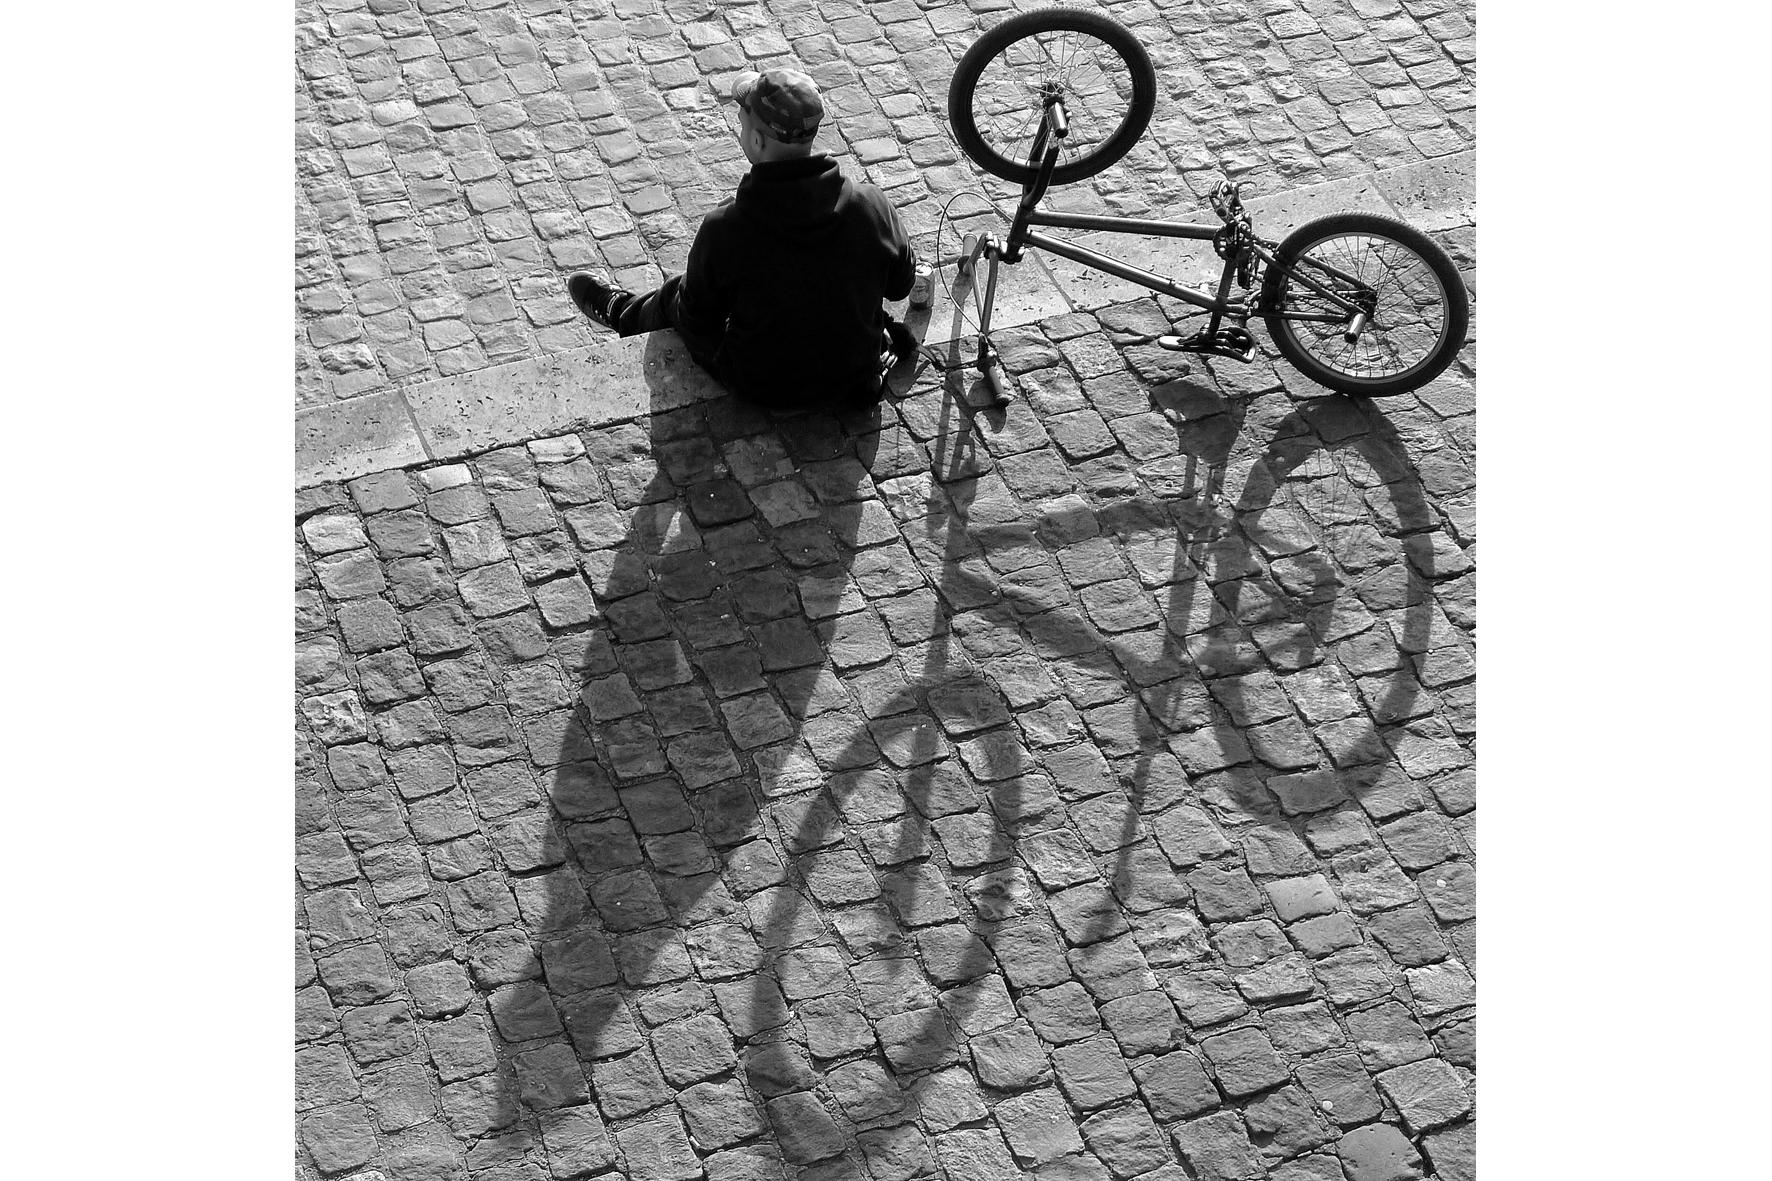 3ème-Prix-du-Public-nb-Jean-pierre-Duroc-Espace-Photo-Ste-Geneviève-des-Bois-Le-cycliste-M